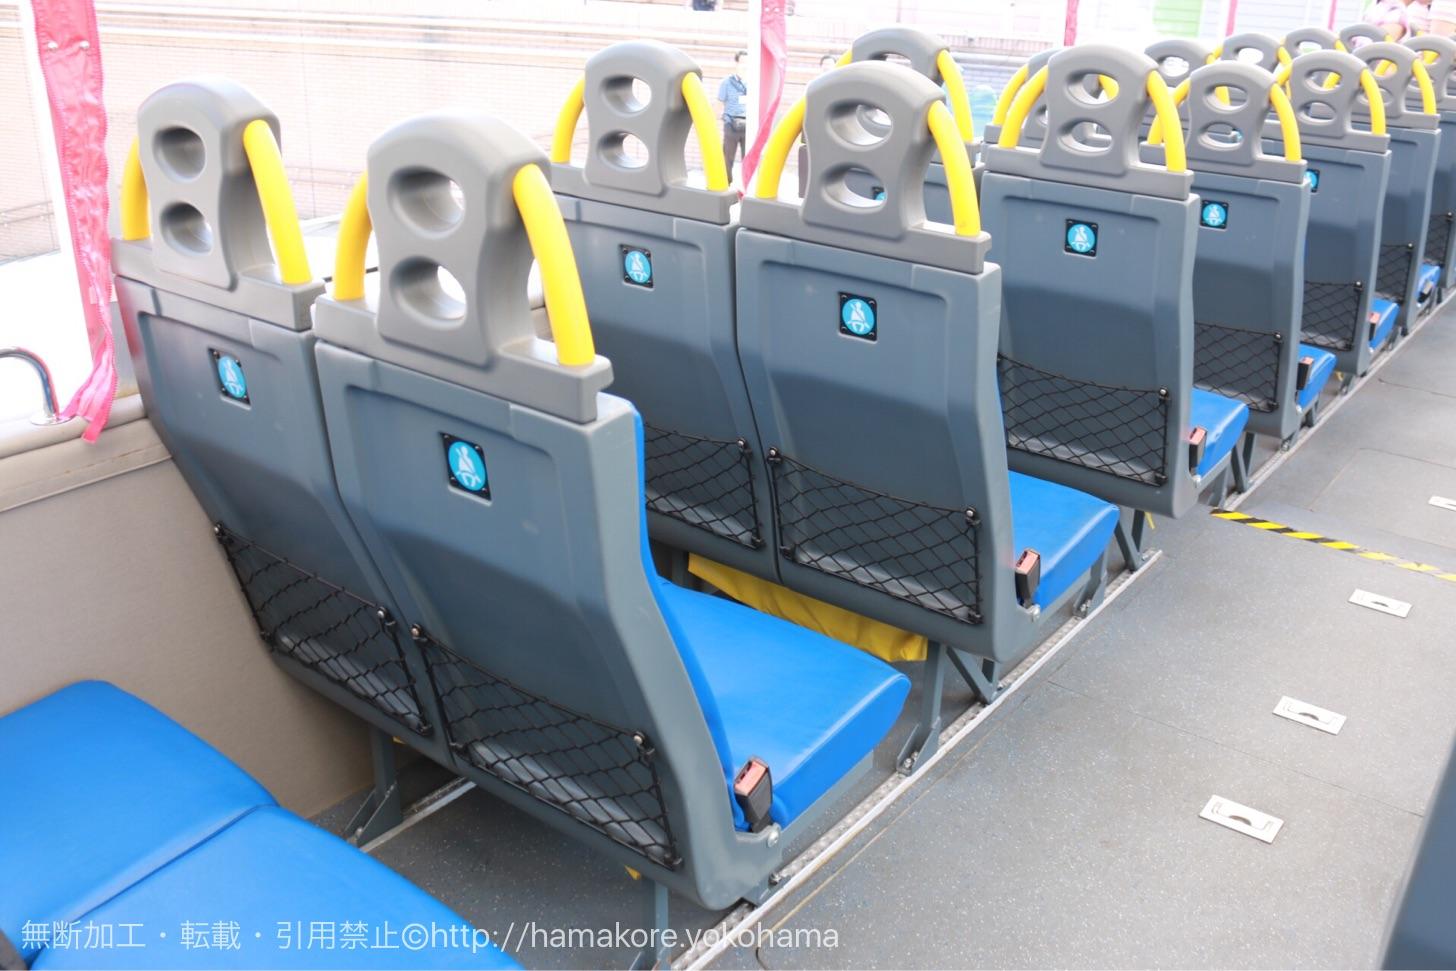 水陸両用バス「スカイダック」の席